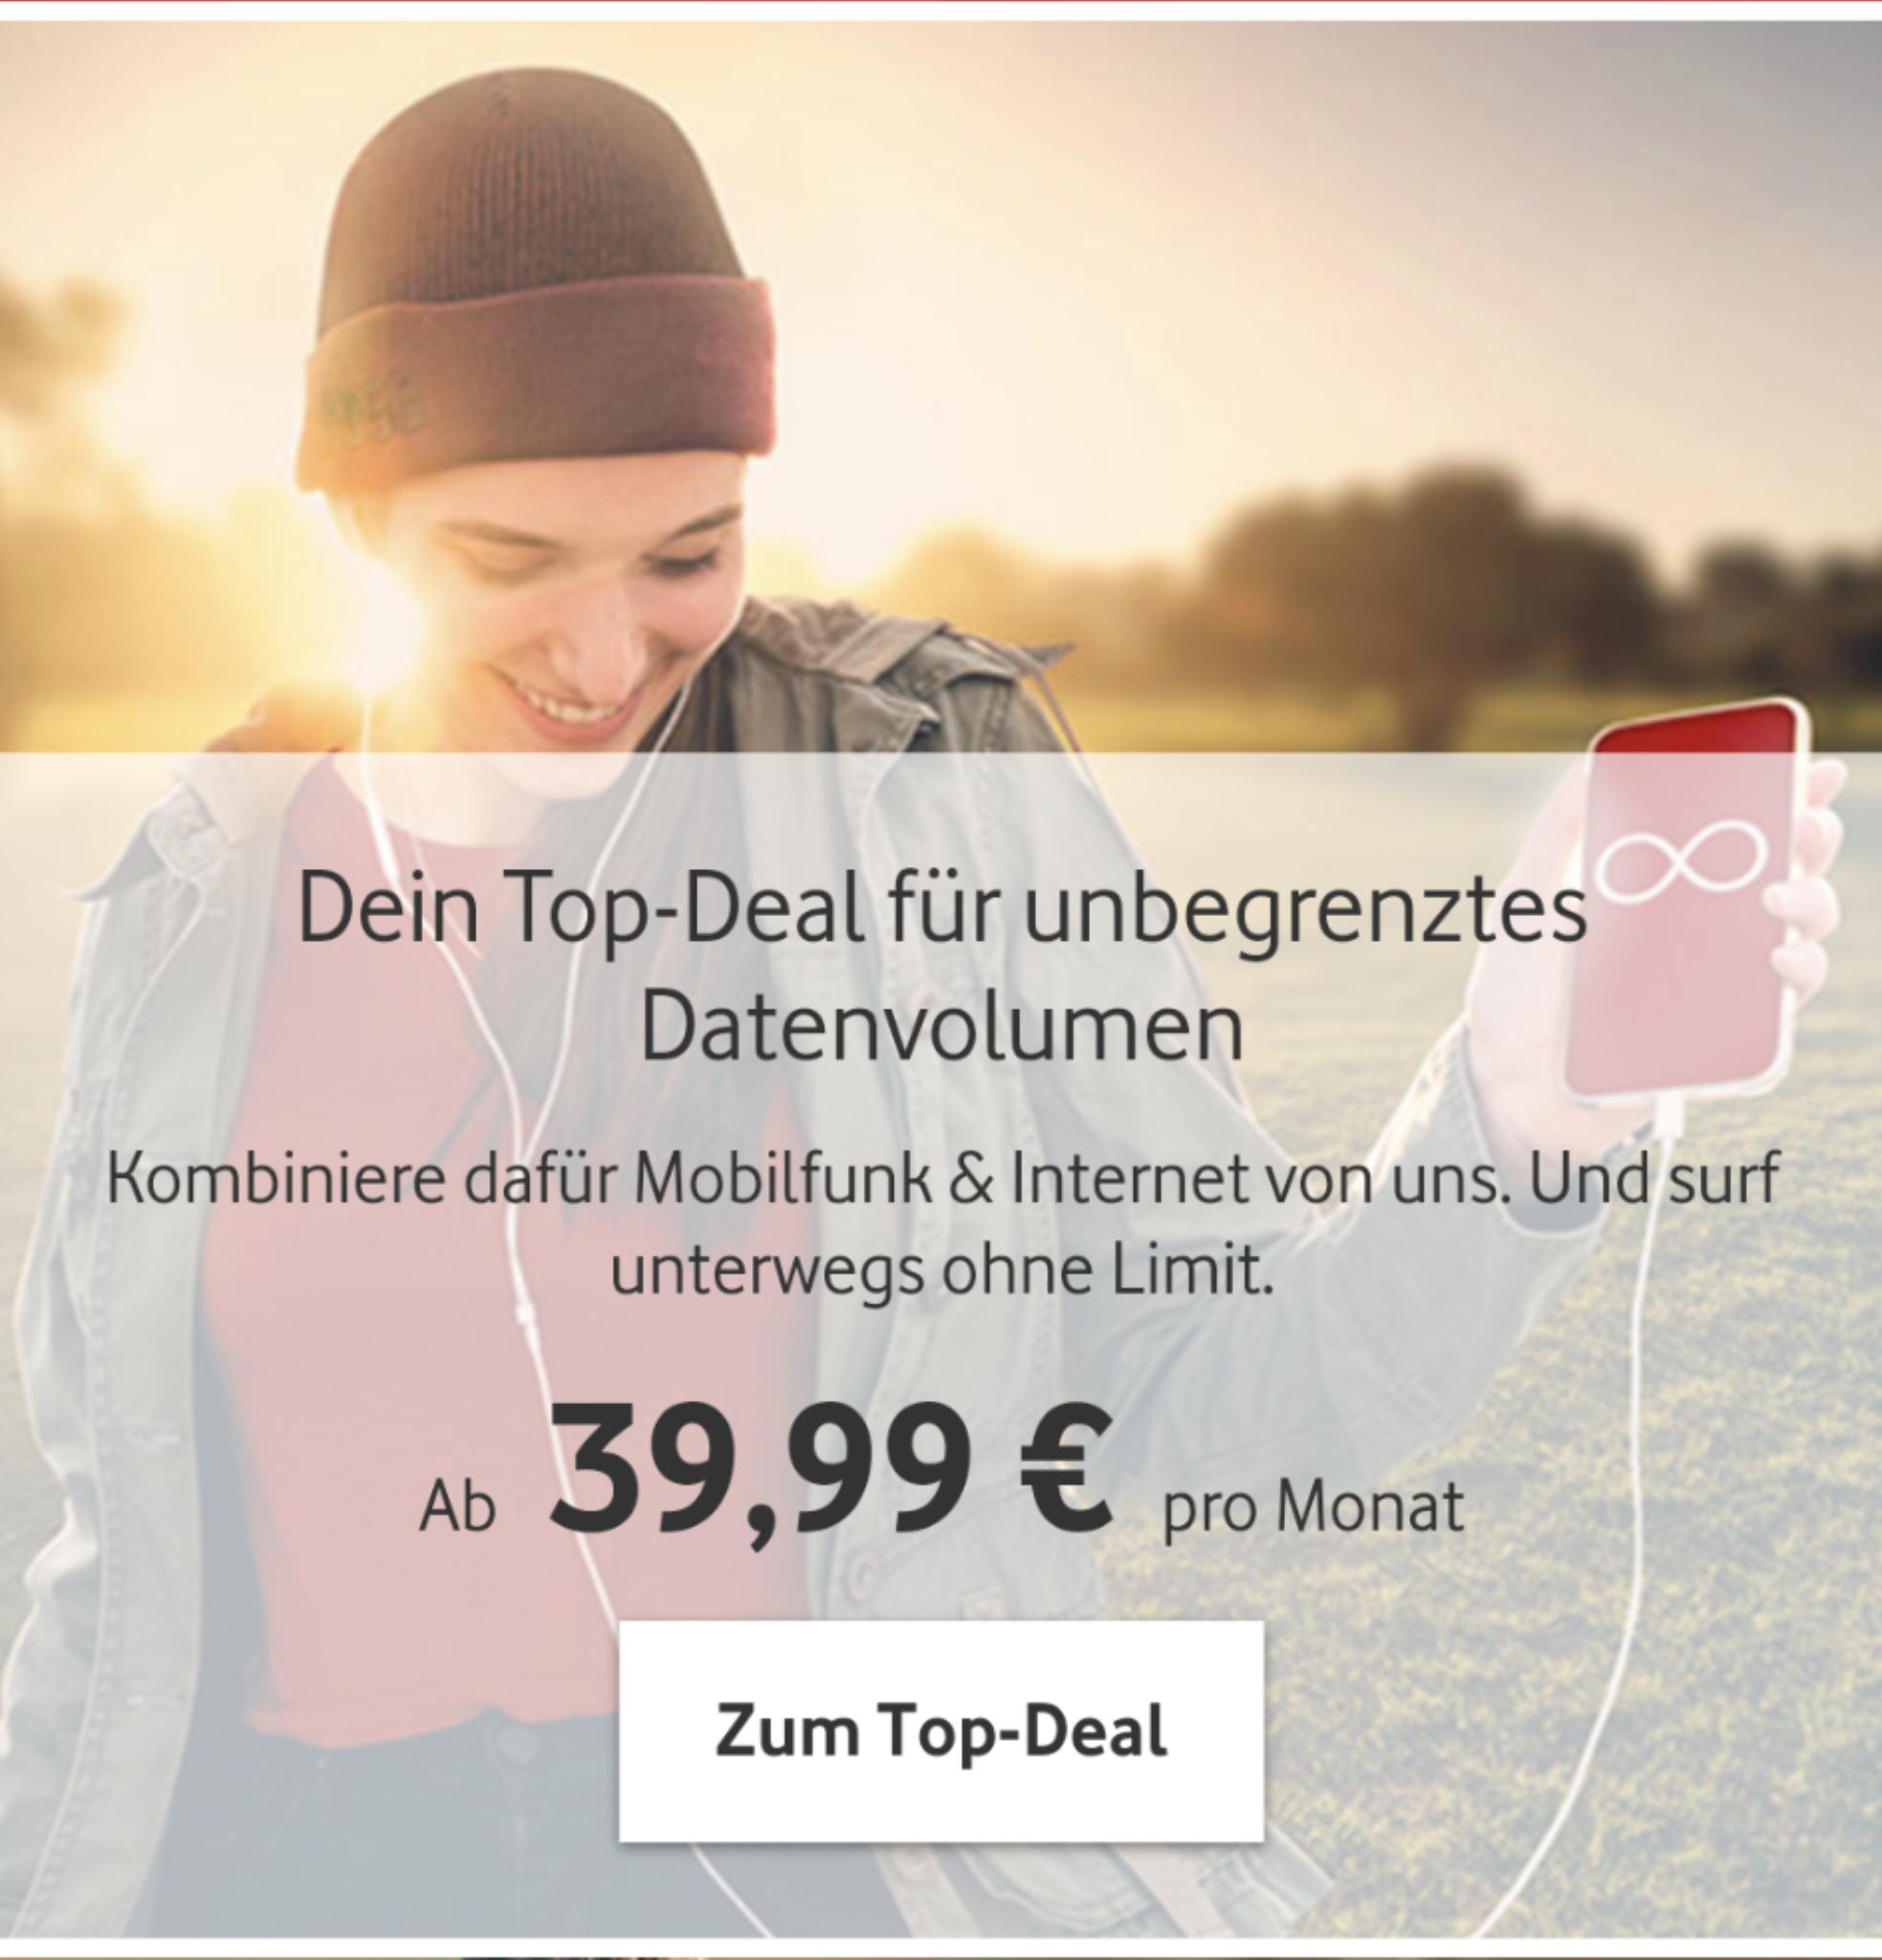 [Vodafone DSL Kunden] Vodafone Red M mit Unlimited Daten bis 500mbs/5G Ready (GigaKombi Vorteil)